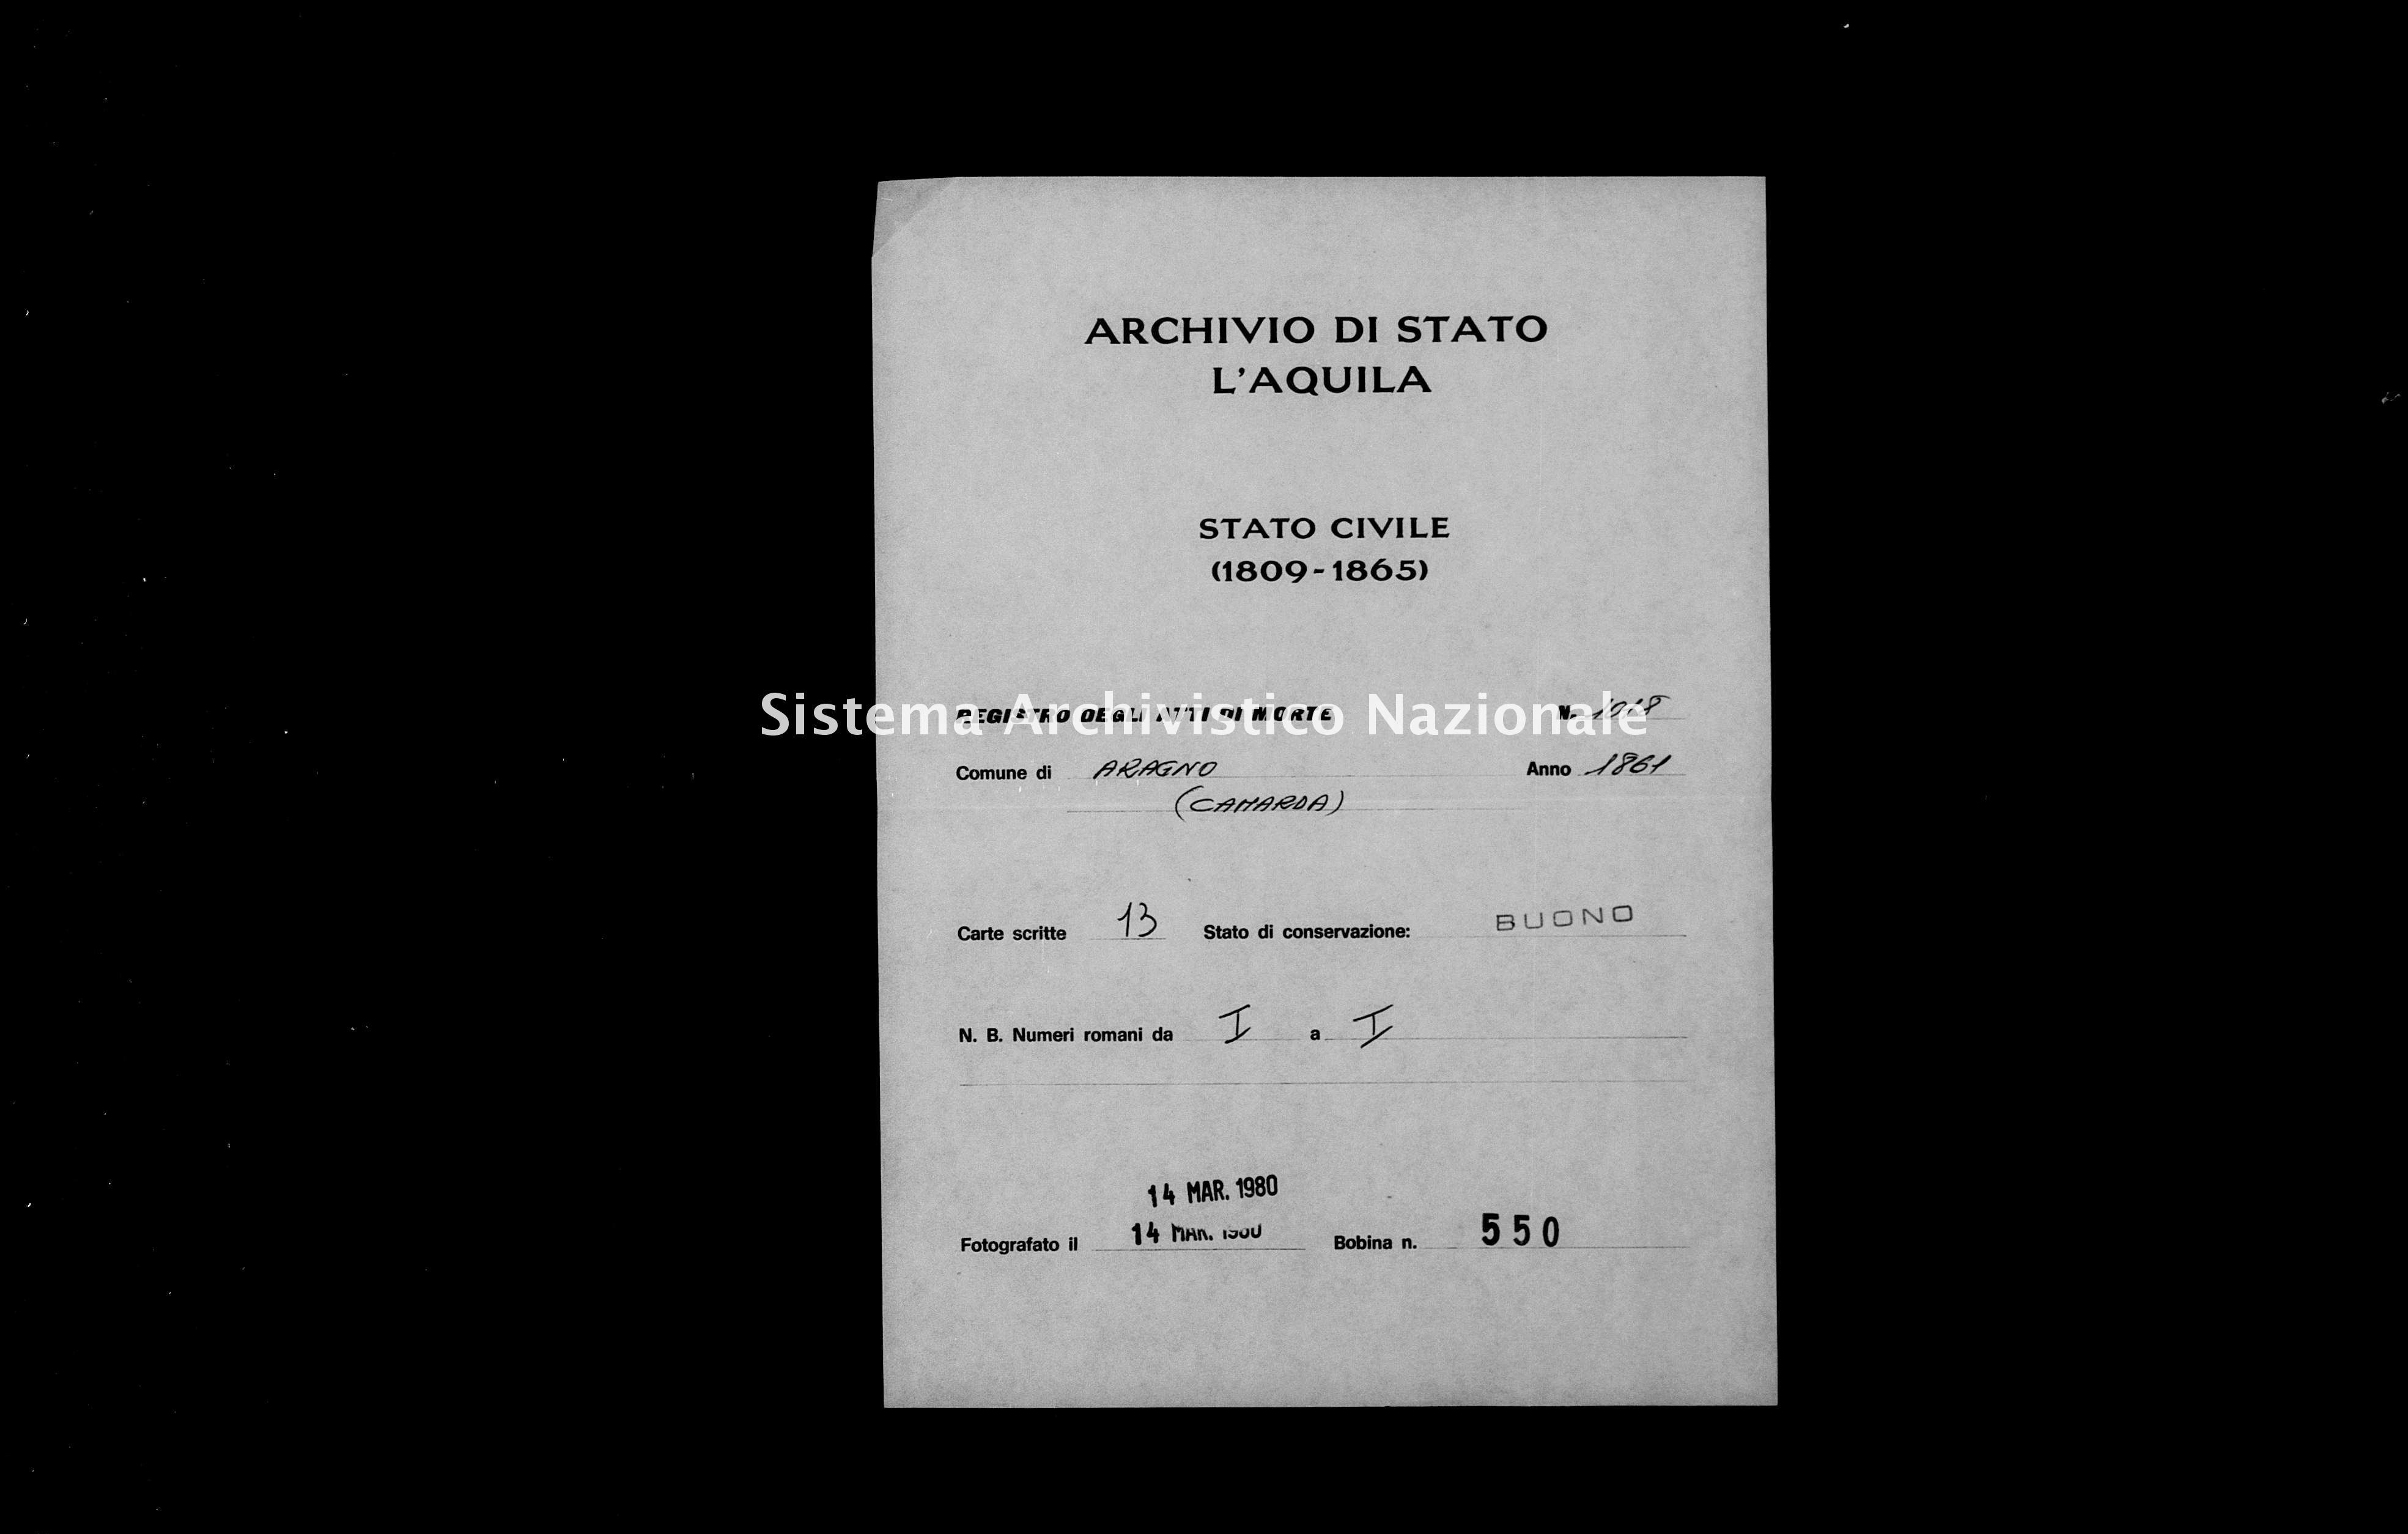 Archivio di stato di L'aquila - Stato civile italiano - Aragno - Morti - 1861 - 1018 -